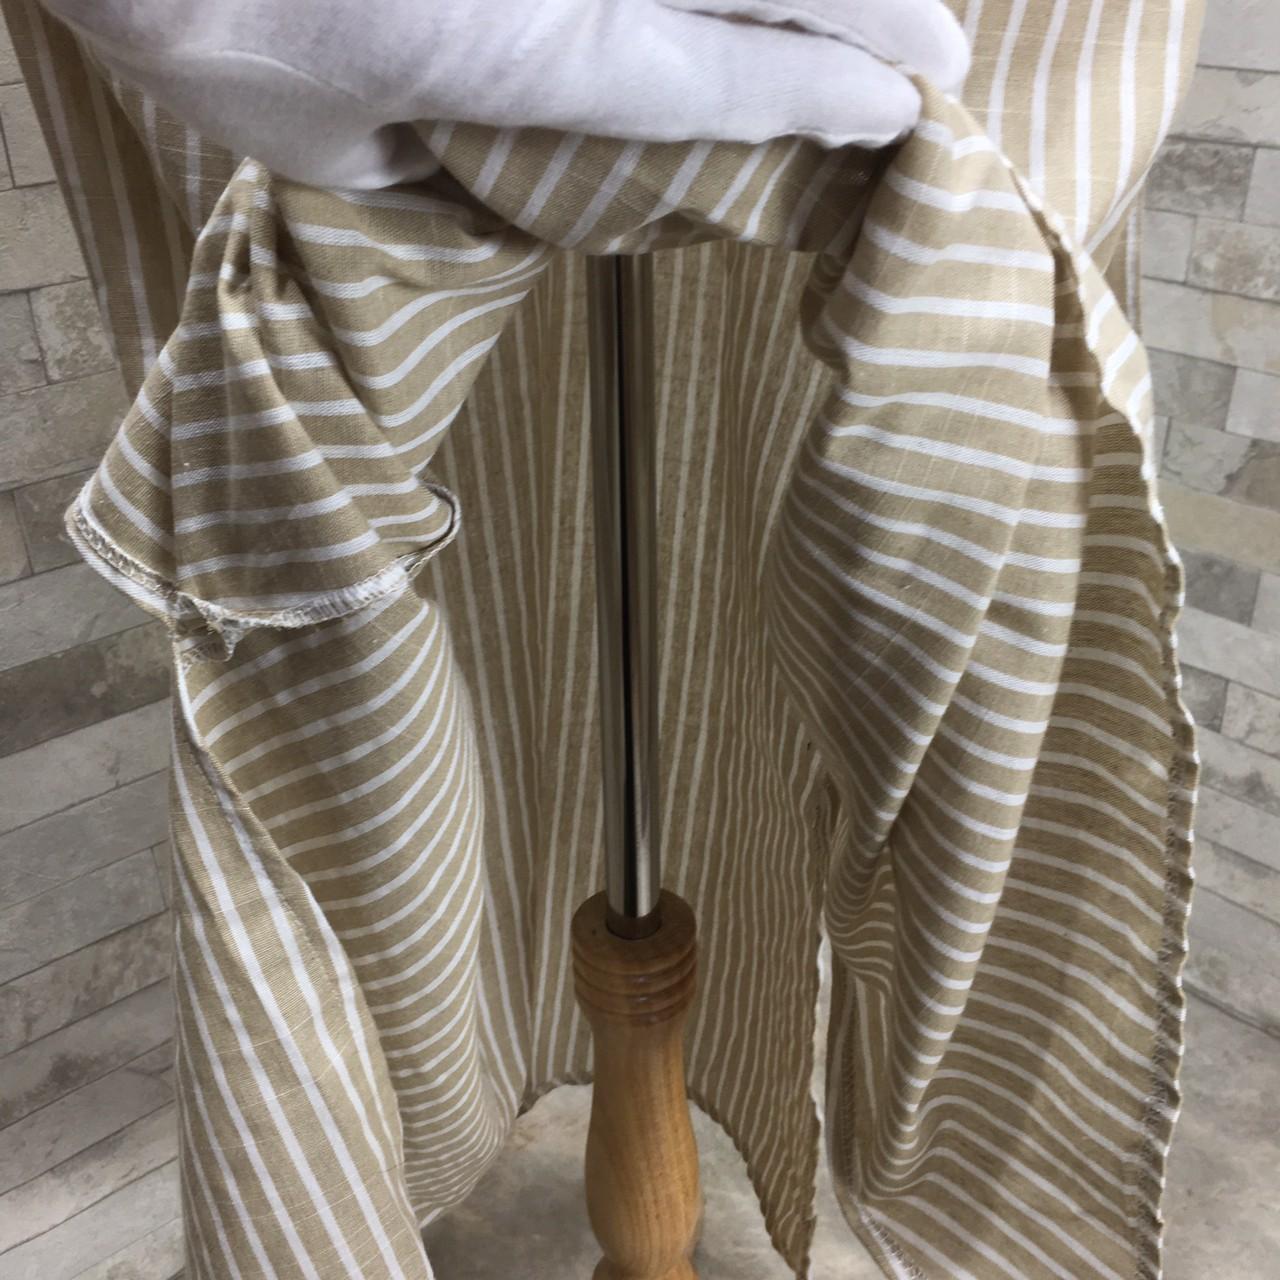 韓国 ファッション ワンピース 夏 春 秋 カジュアル PTXI232  ゆったり マキシ丈 フェミニン 深Vネック ラフ オルチャン シンプル 定番 セレカジの写真20枚目